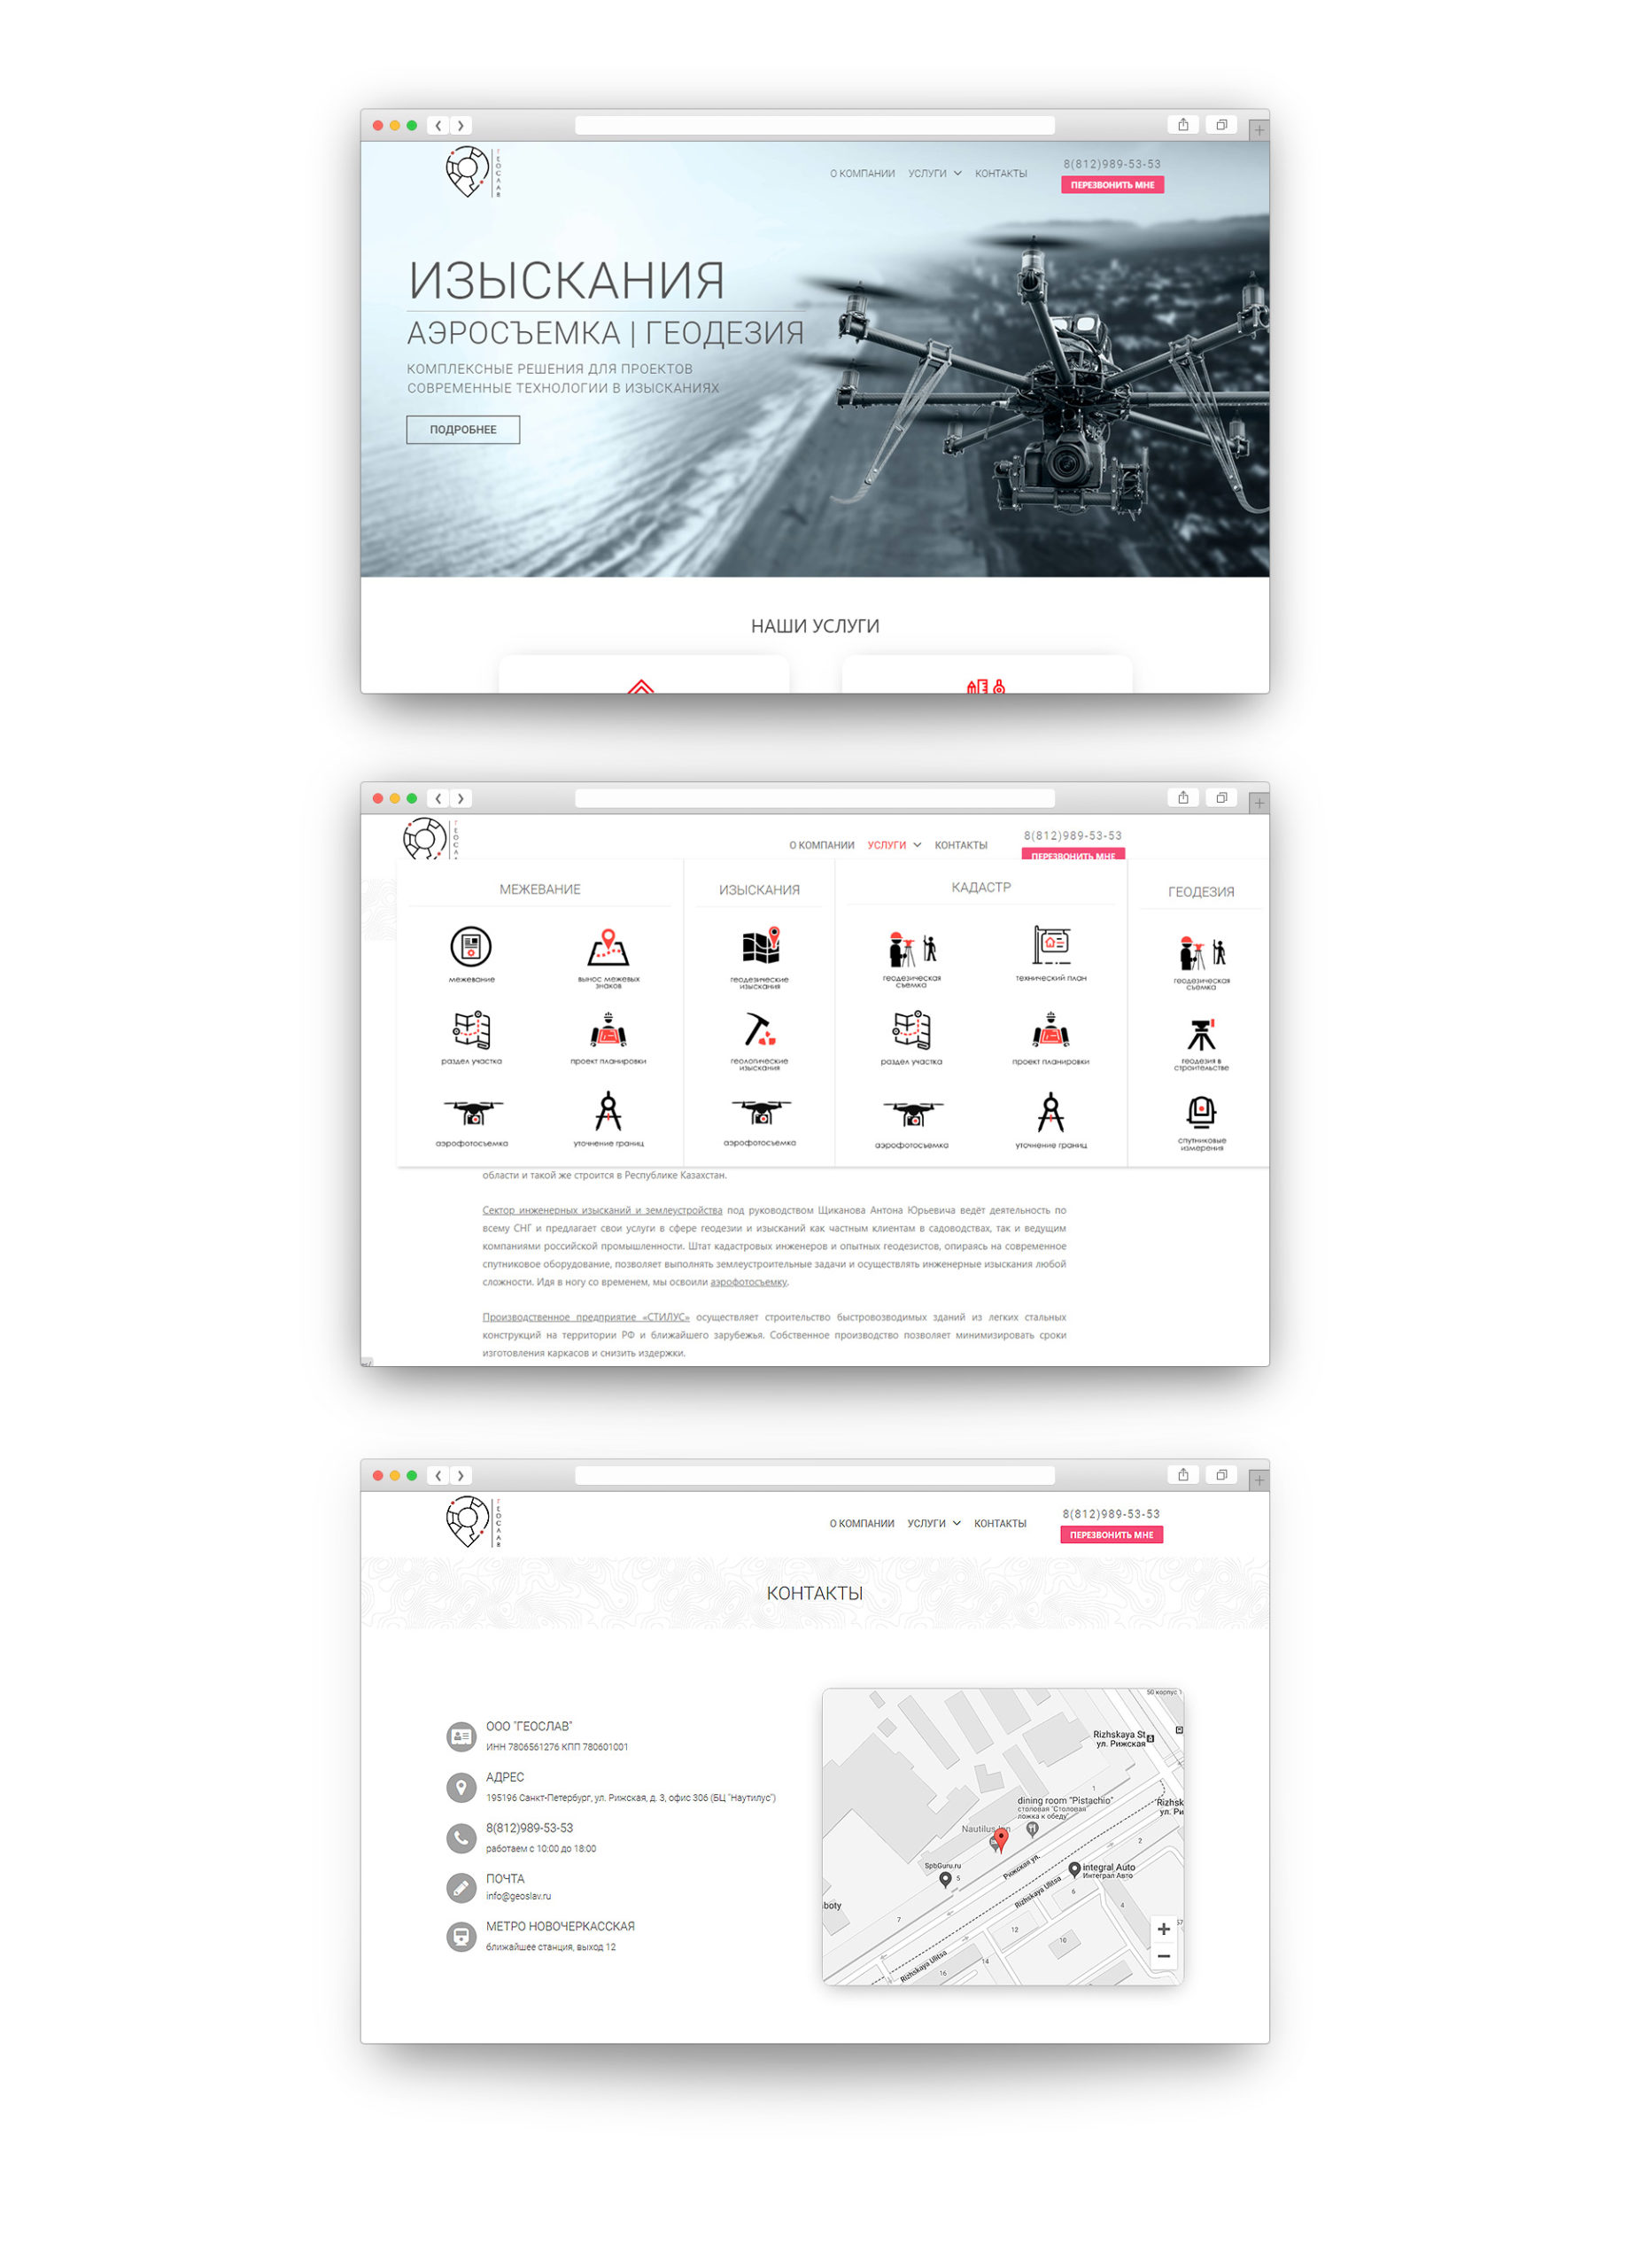 alexmass-site-portfolio-1